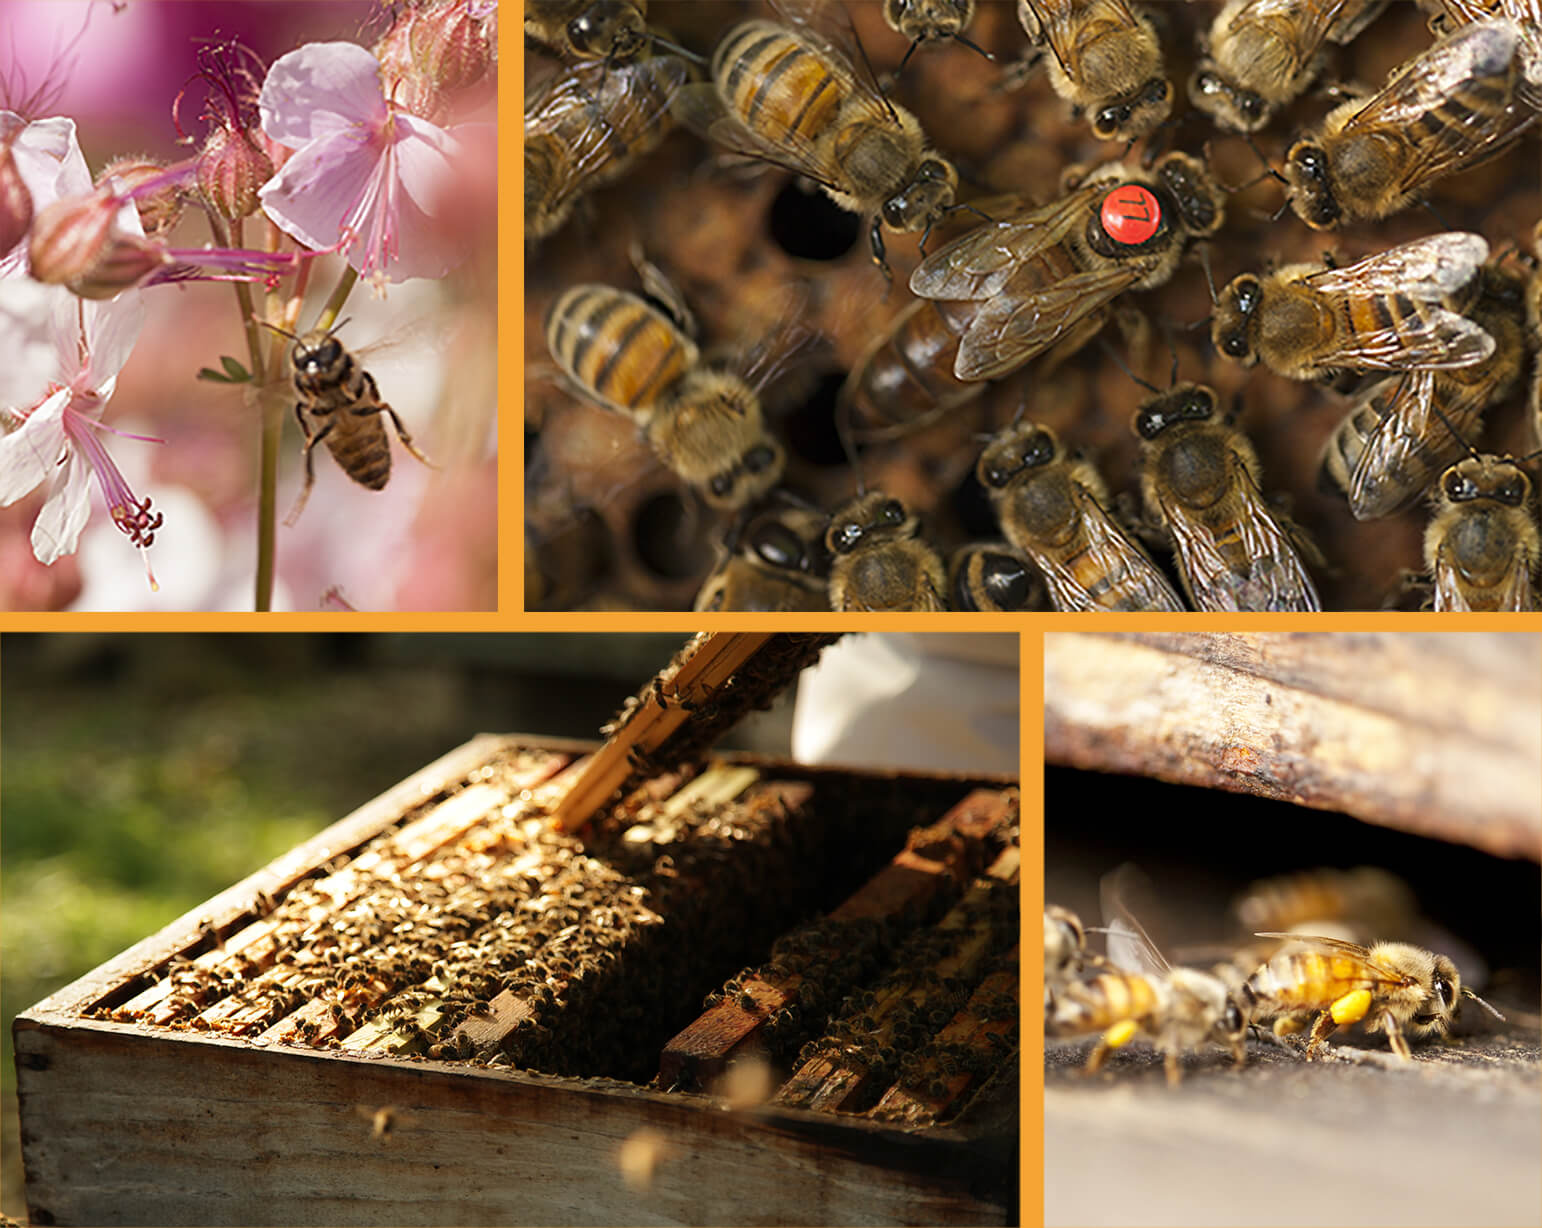 Les abeilles et la nature